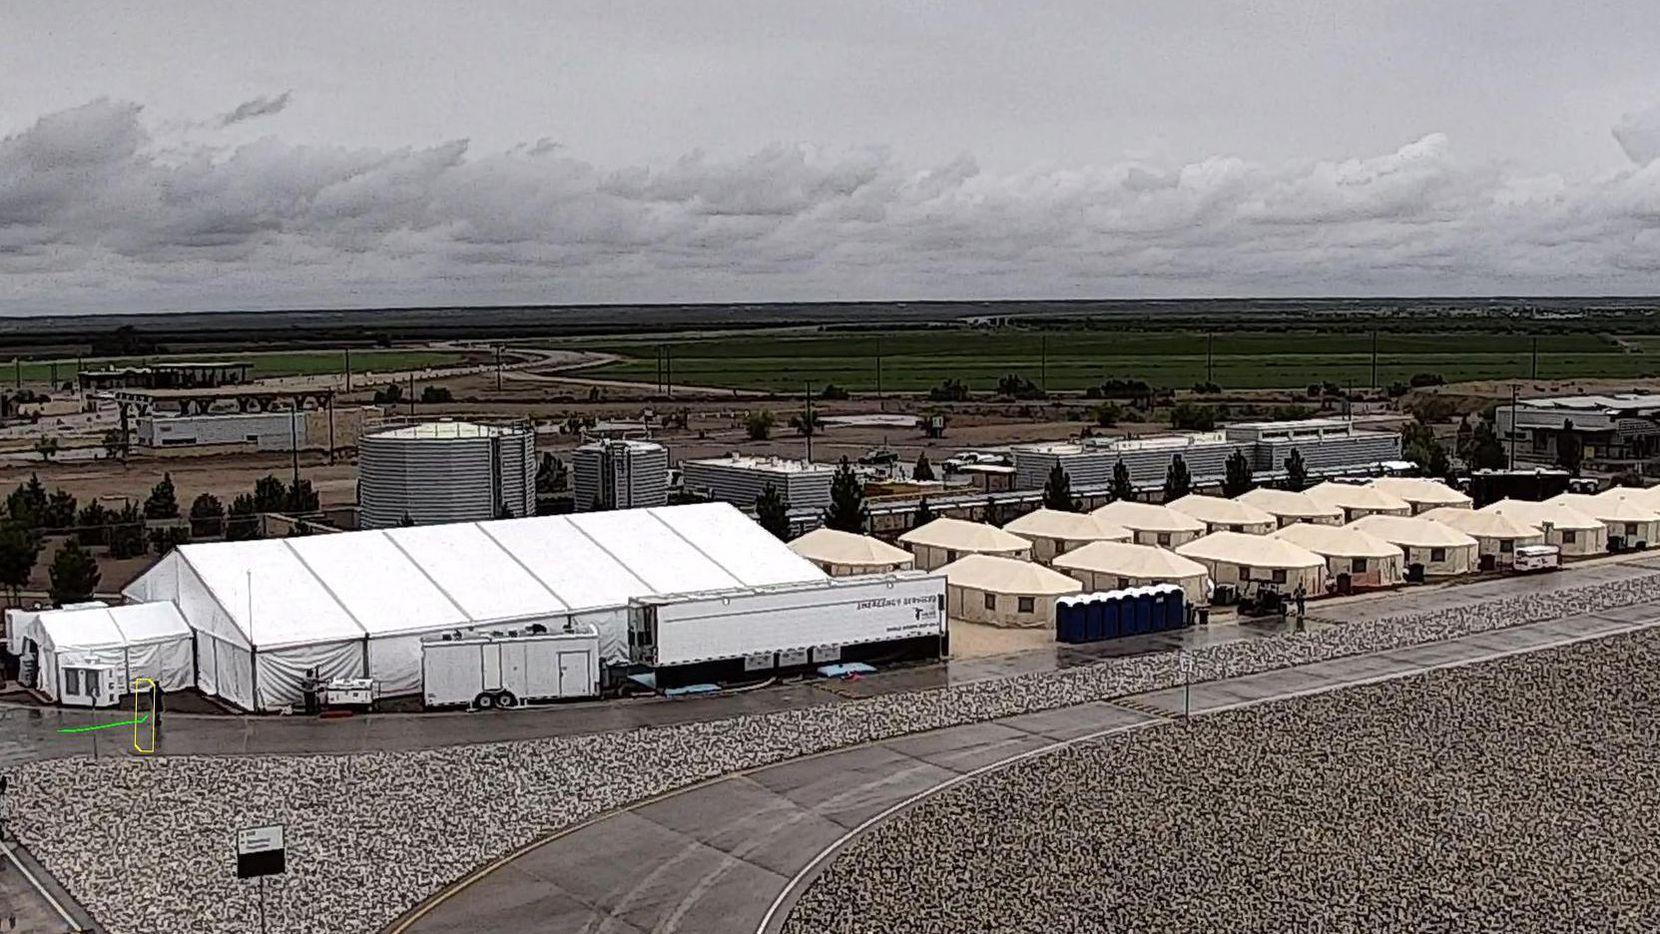 Campamento provisional en Tornillo, texas, en donde el Departamento de Salud y Servicios Humanos albergó por meses a menores inmigrantes.(AP)